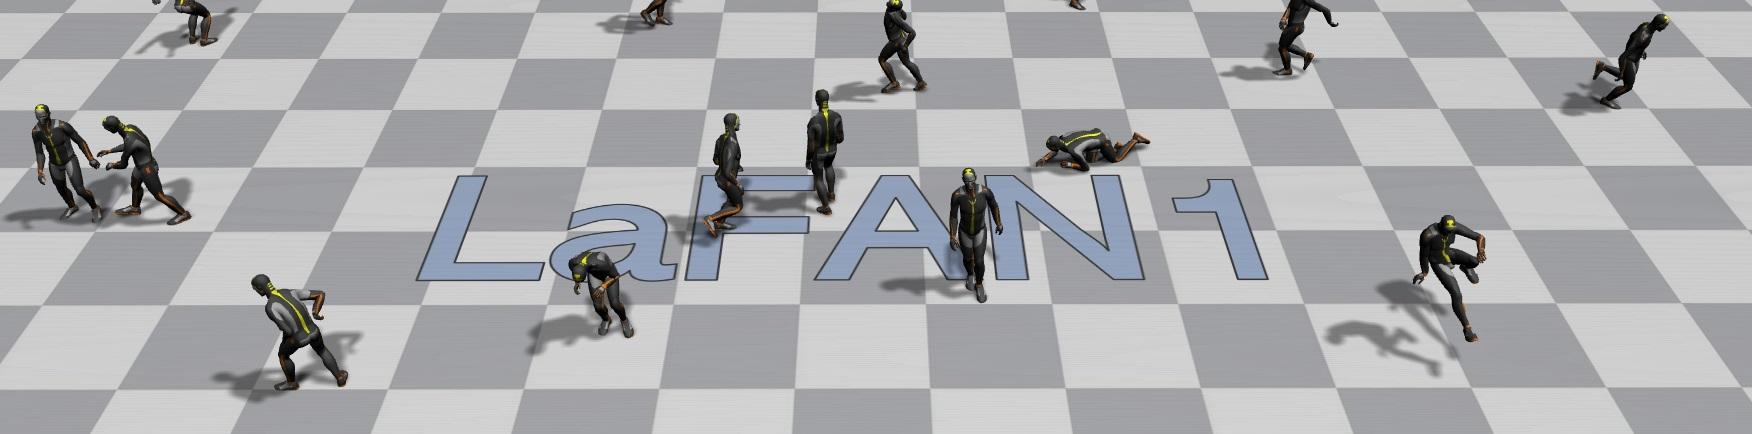 LaFAN1